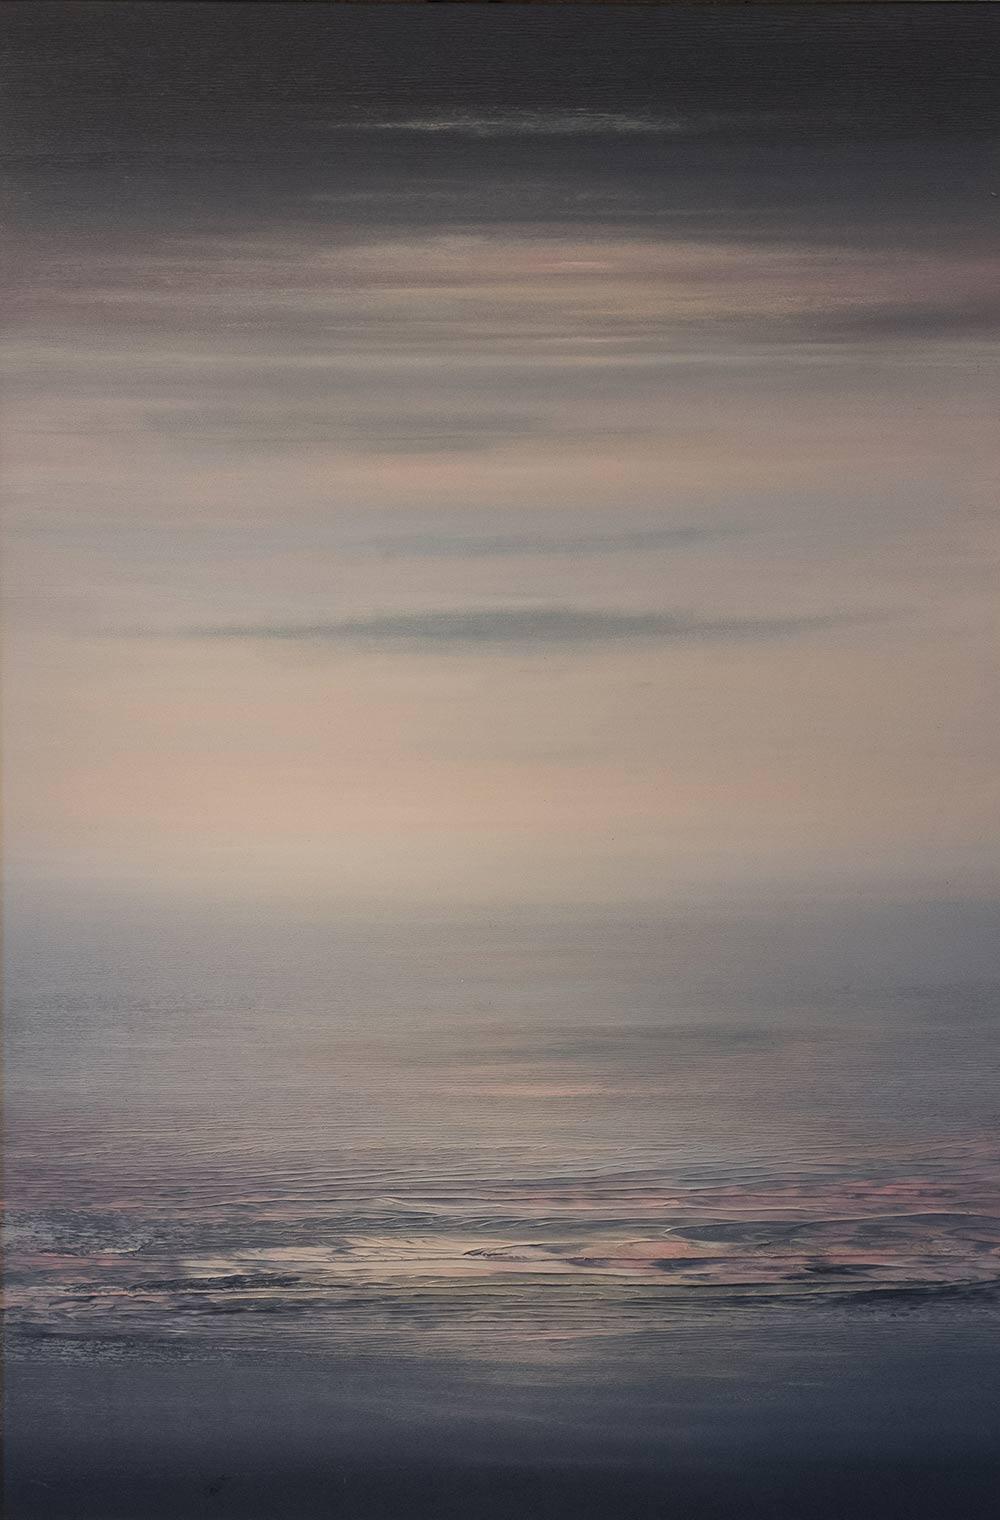 David-Joy-Seascapes-D19-013-66